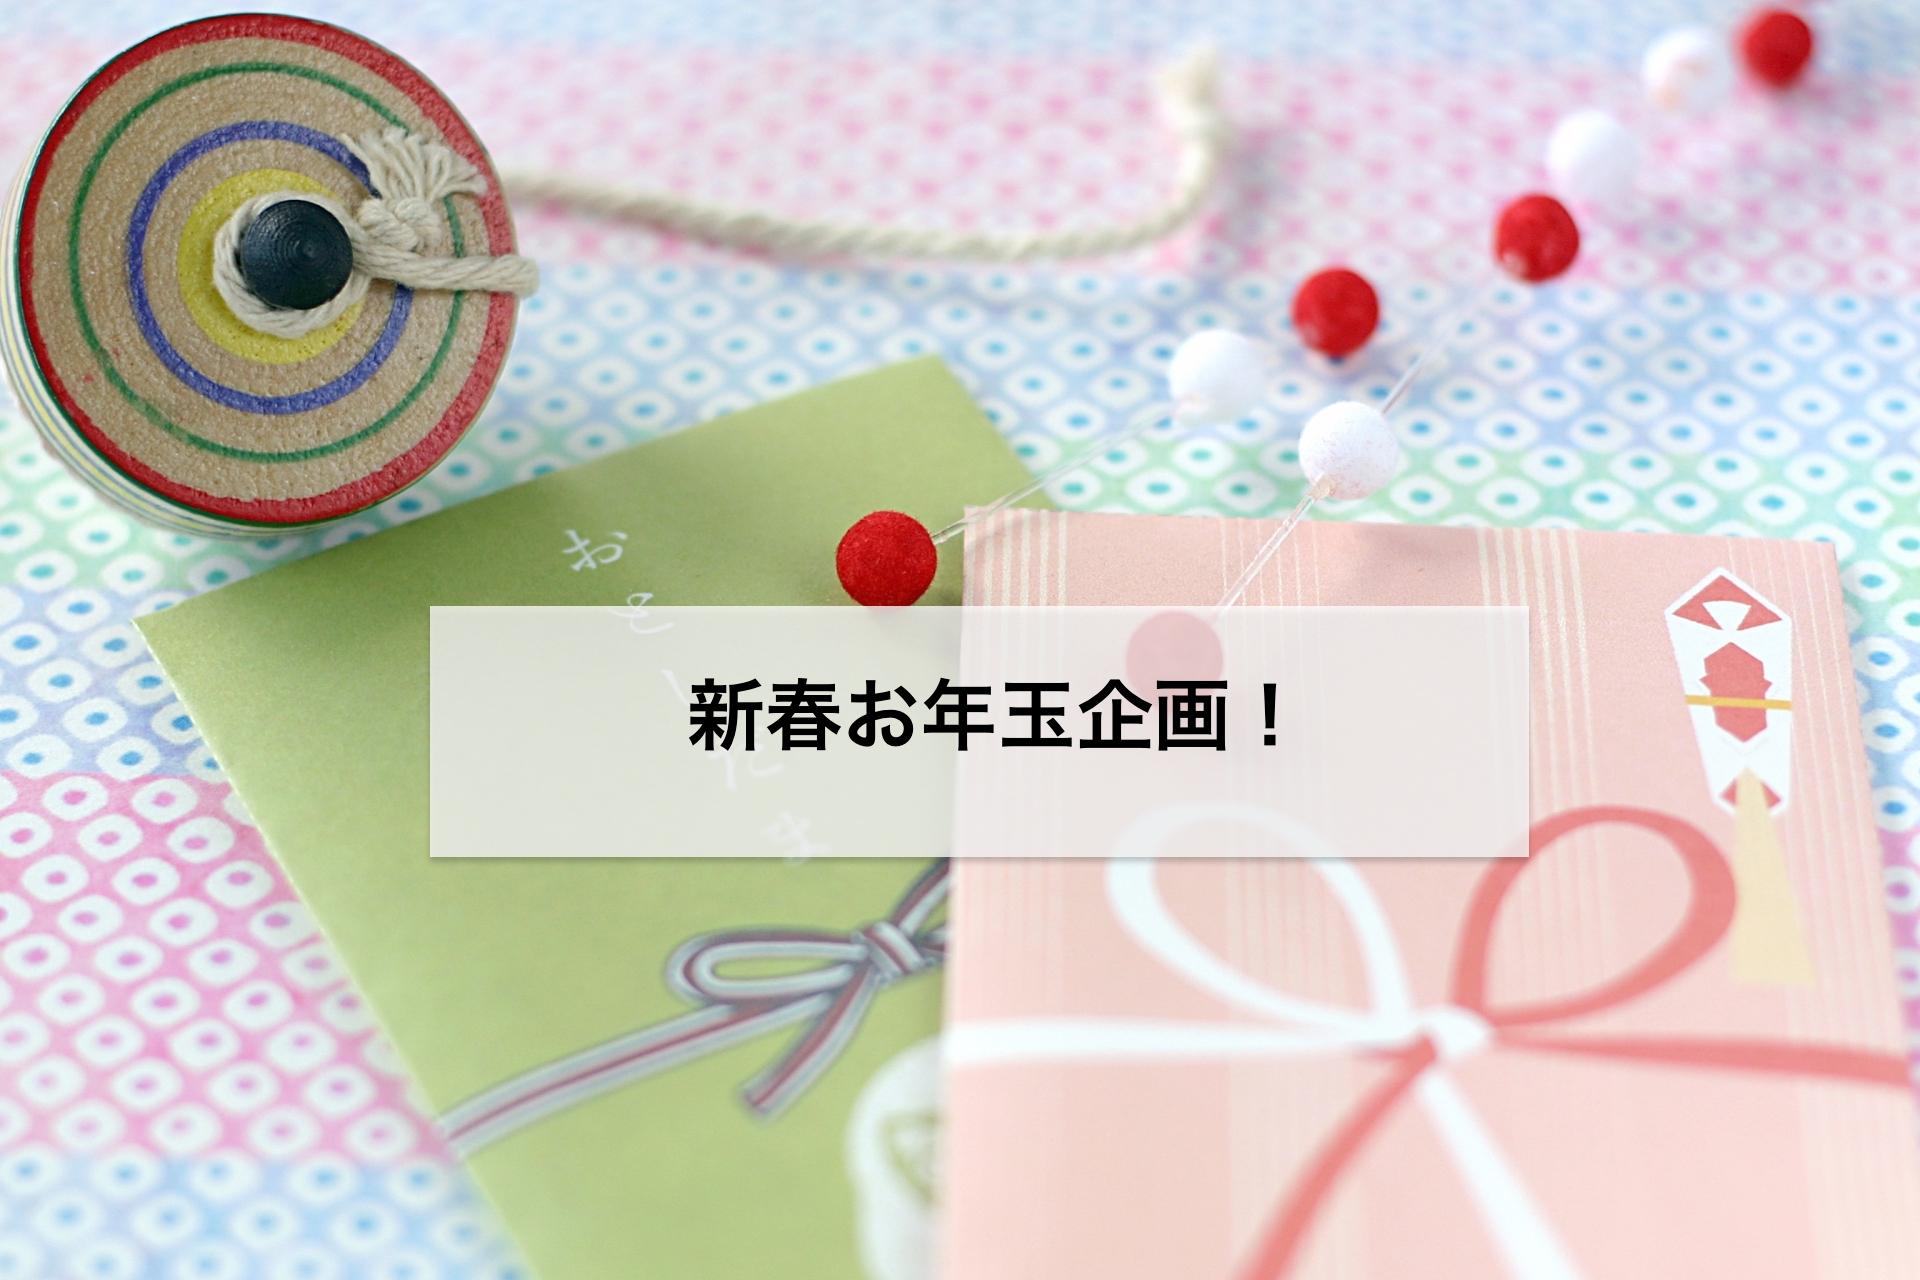 新春お年玉企画!